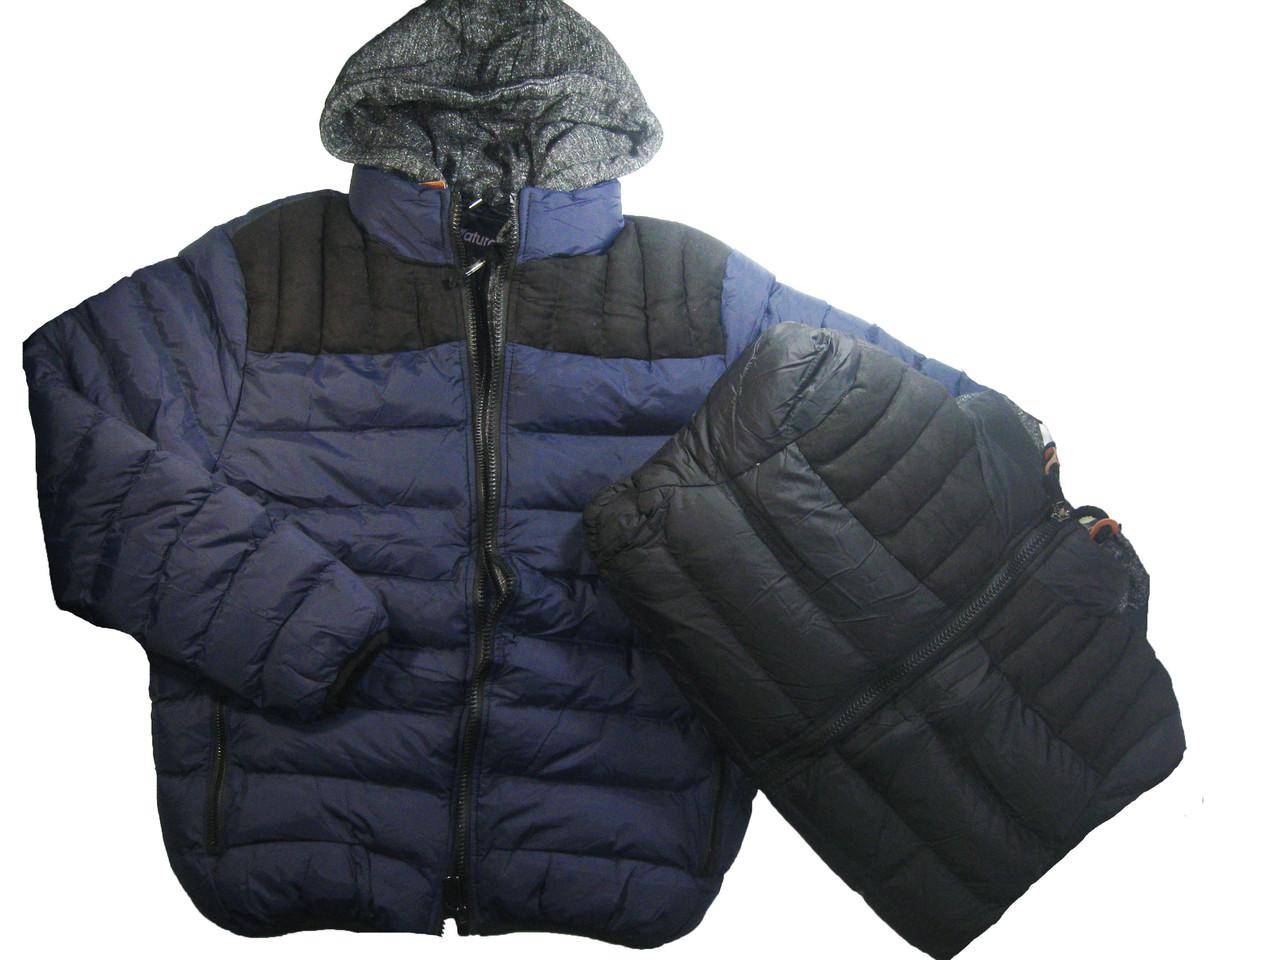 Куртка мужская на меховой подкладке, Nature, размер- 2XL, арт. 3972